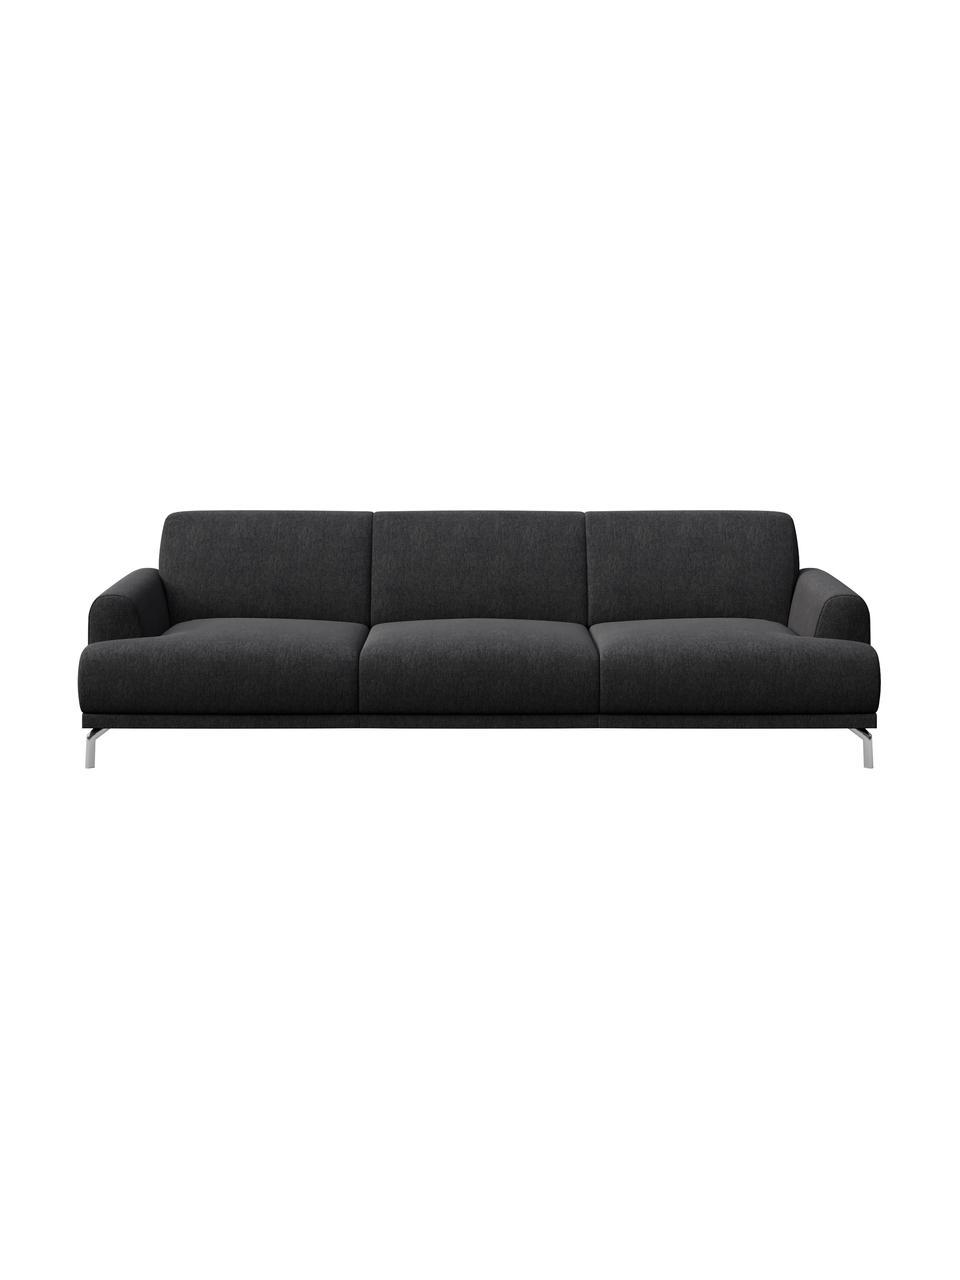 Sofa Puzo (3-osobowa), Tapicerka: 100% poliester, Nogi: metal lakierowany, Ciemnyszary, S 240 x G 84 cm